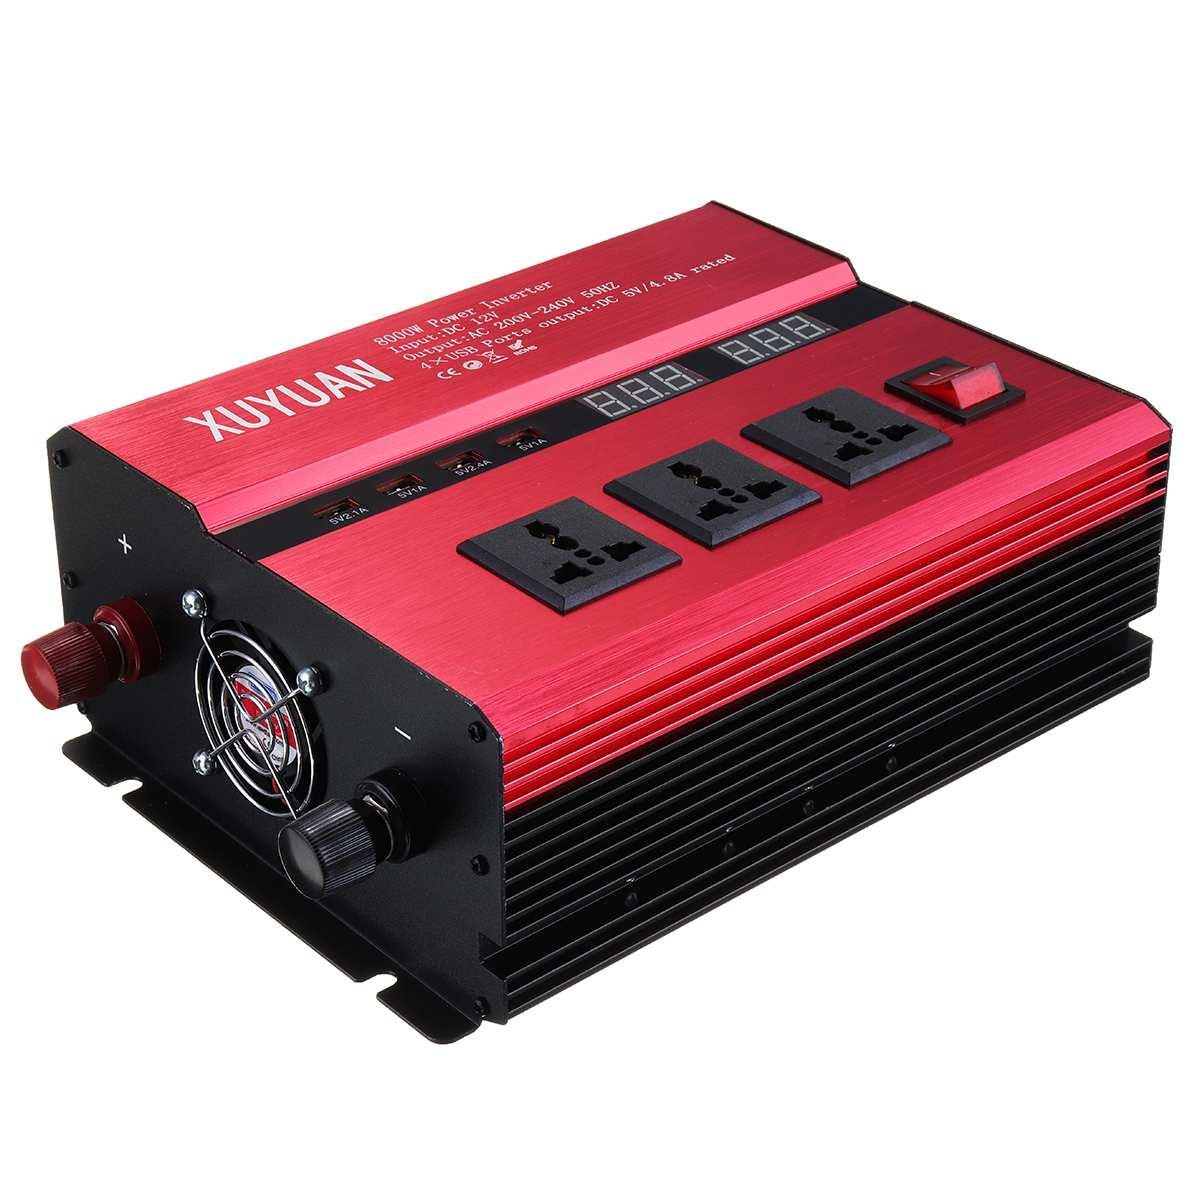 KROAK DC 12 V/24 V Zu AC 220 V/110 V Solar Power Inverter 8000 W LED power Sinus Welle Konverter für auto und lkw